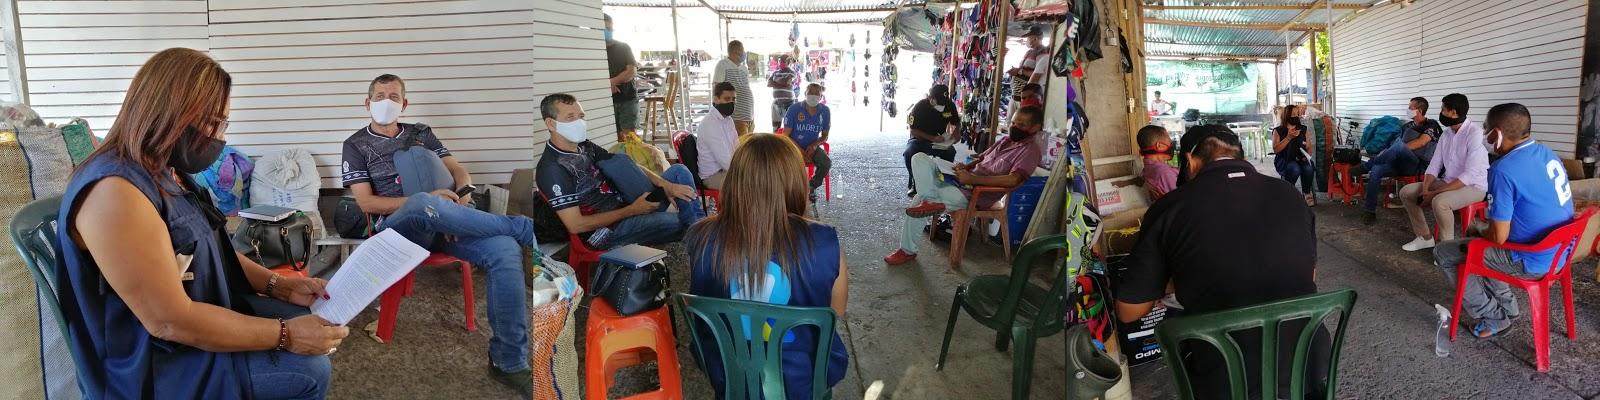 hoyennoticia.com, Ley en mano se busca organizar a vendedores informales de Riohacha